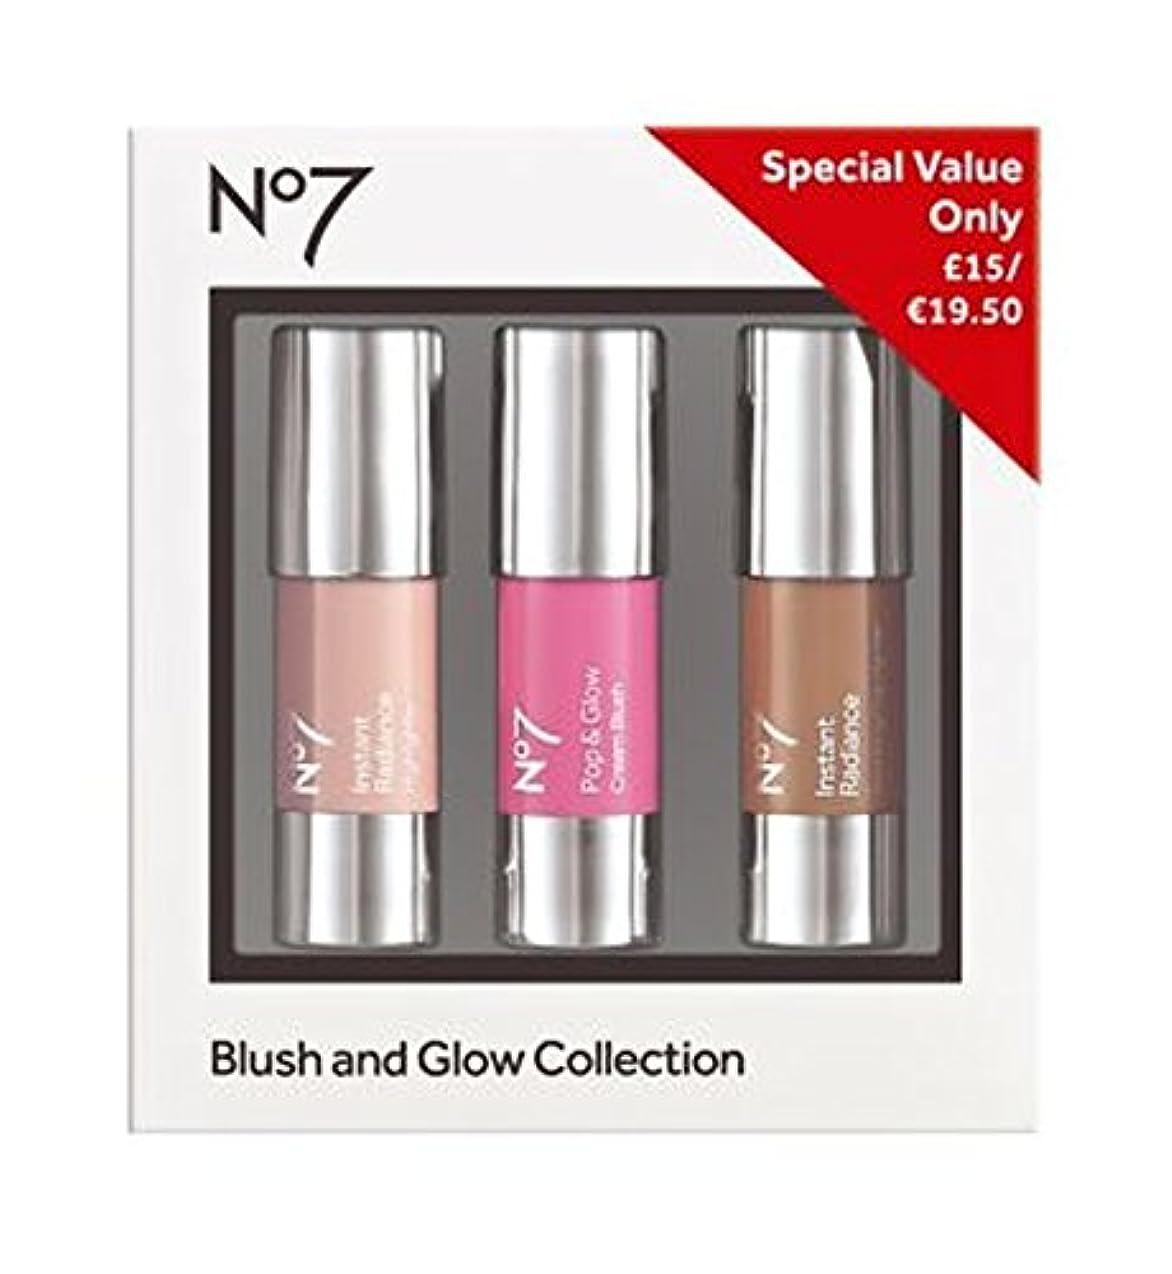 オープニング抑圧者明らかにするNo7 Blush and Glow Collection - No7の赤面とグローコレクション (No7) [並行輸入品]